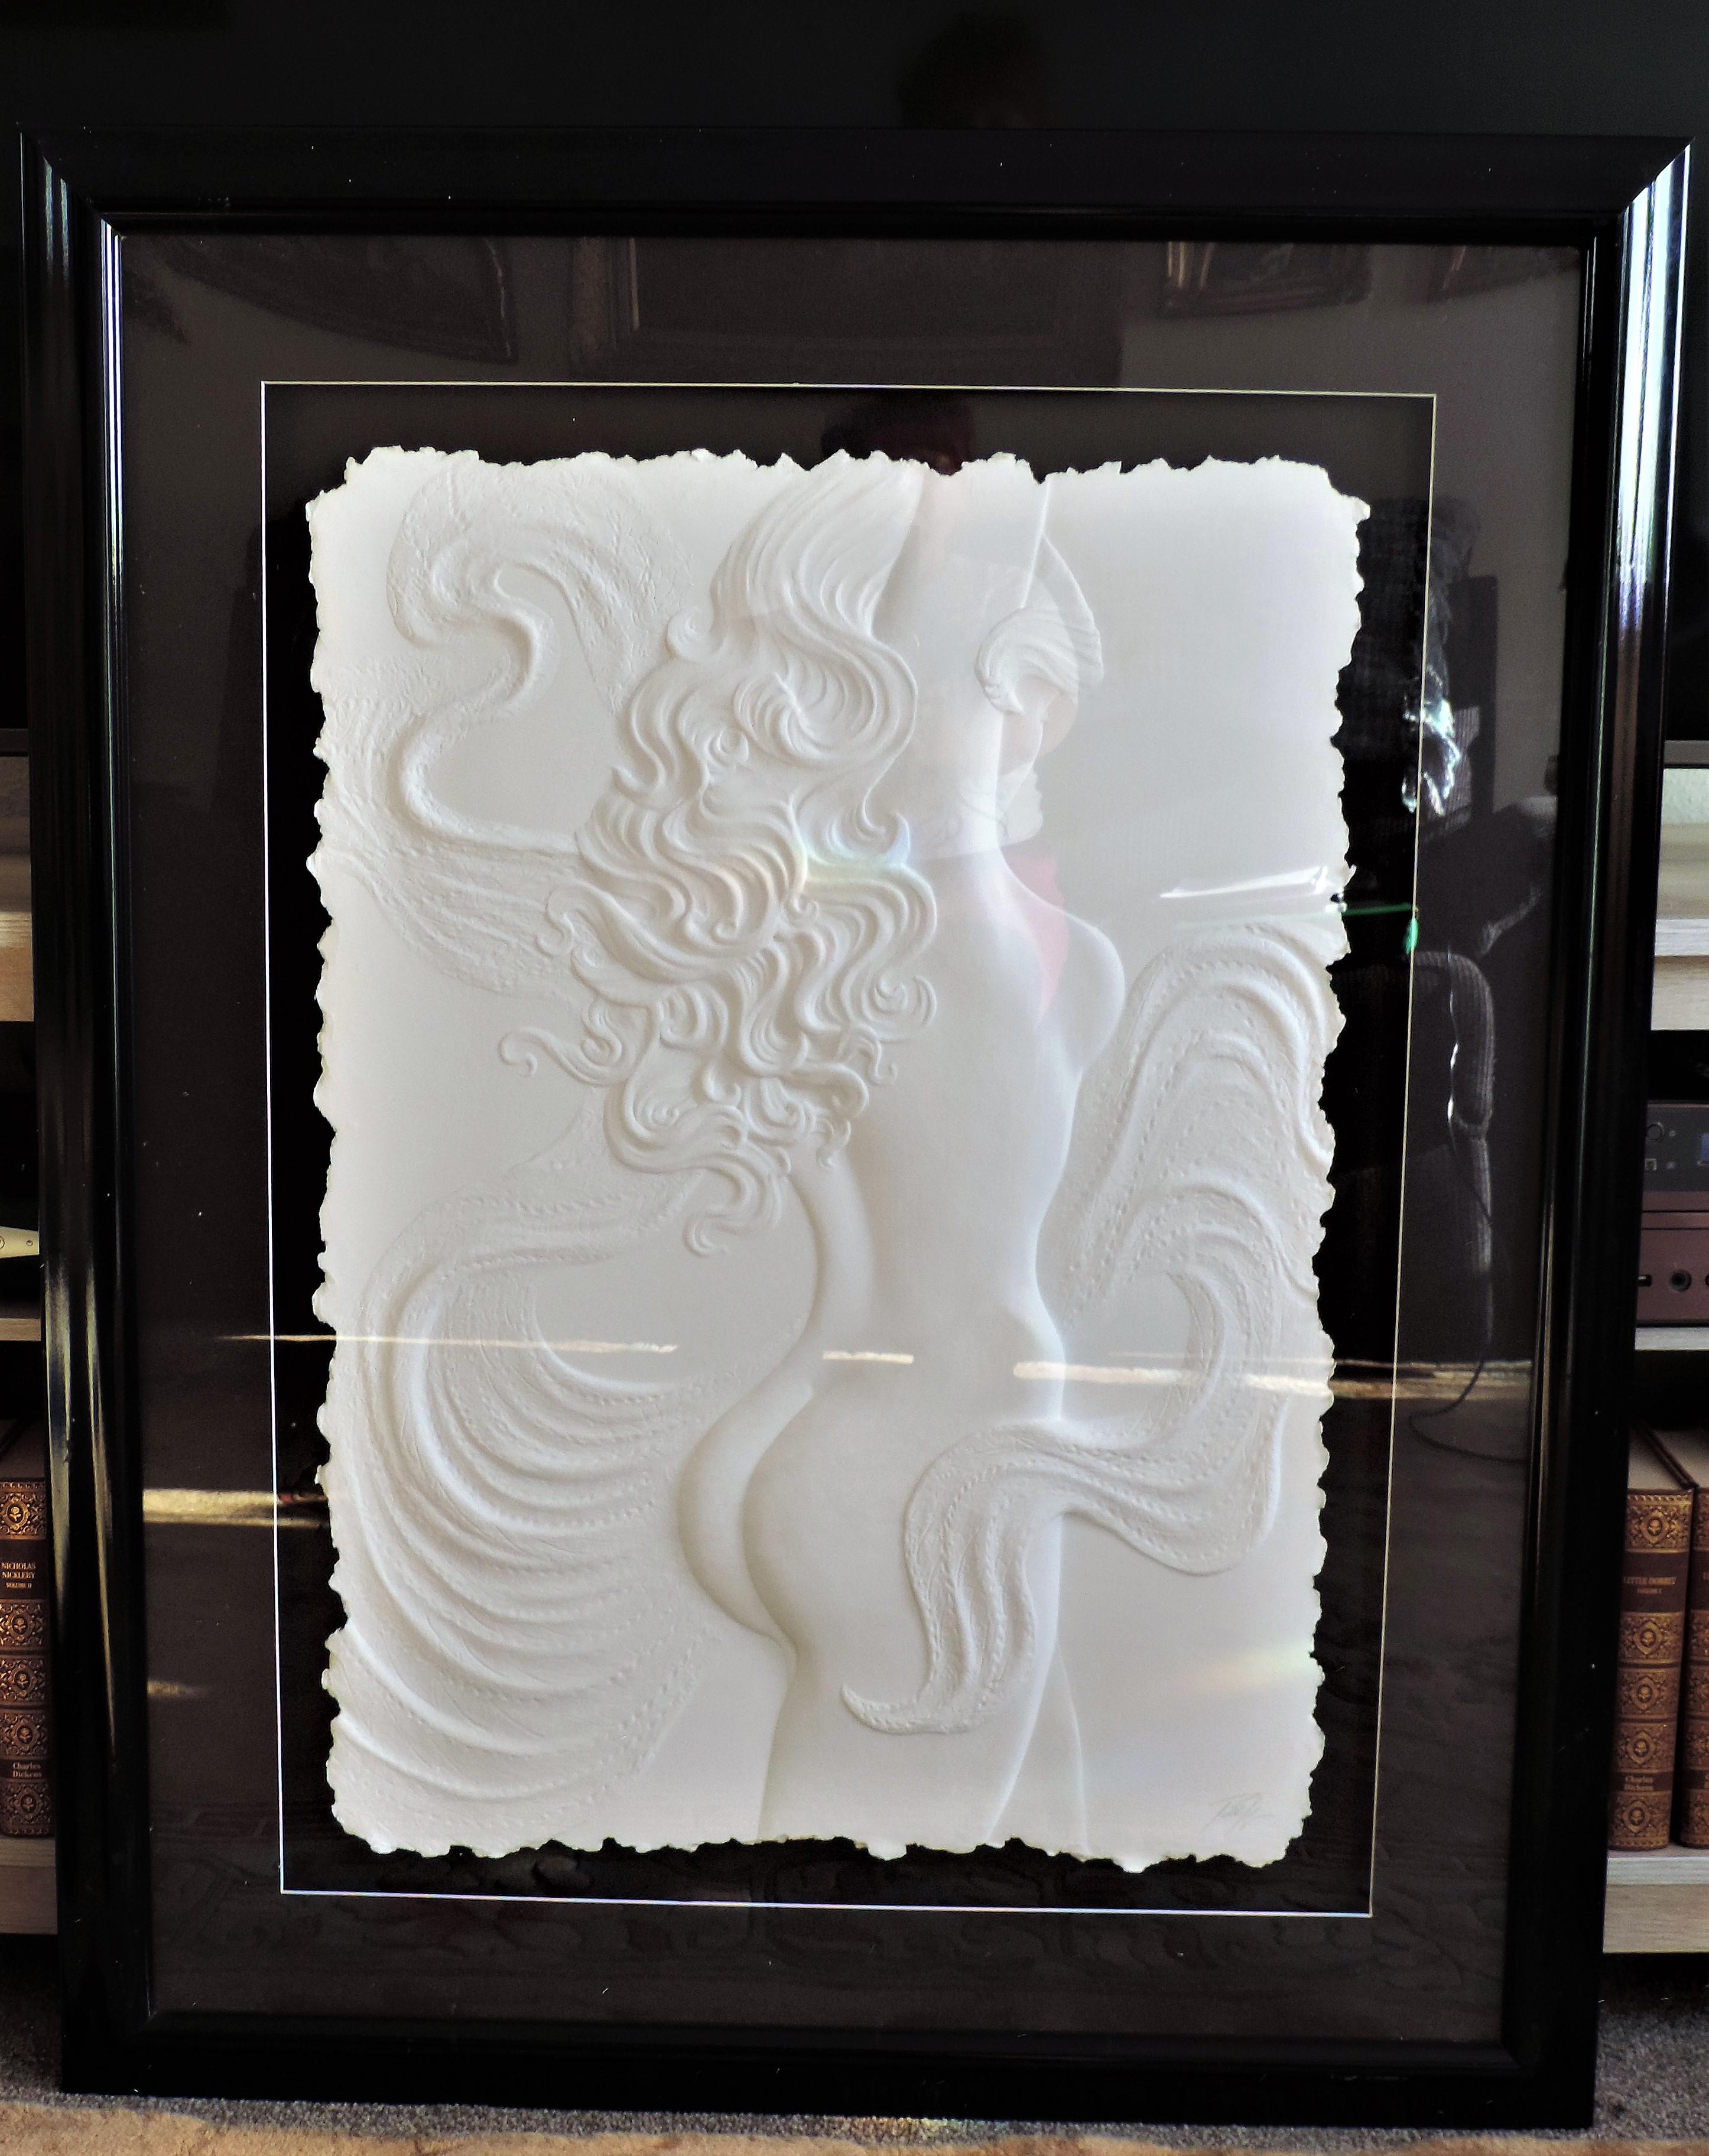 Roberta Peck 'Nude Dancer' Monotype Sculpture on Paper - Image 6 of 12